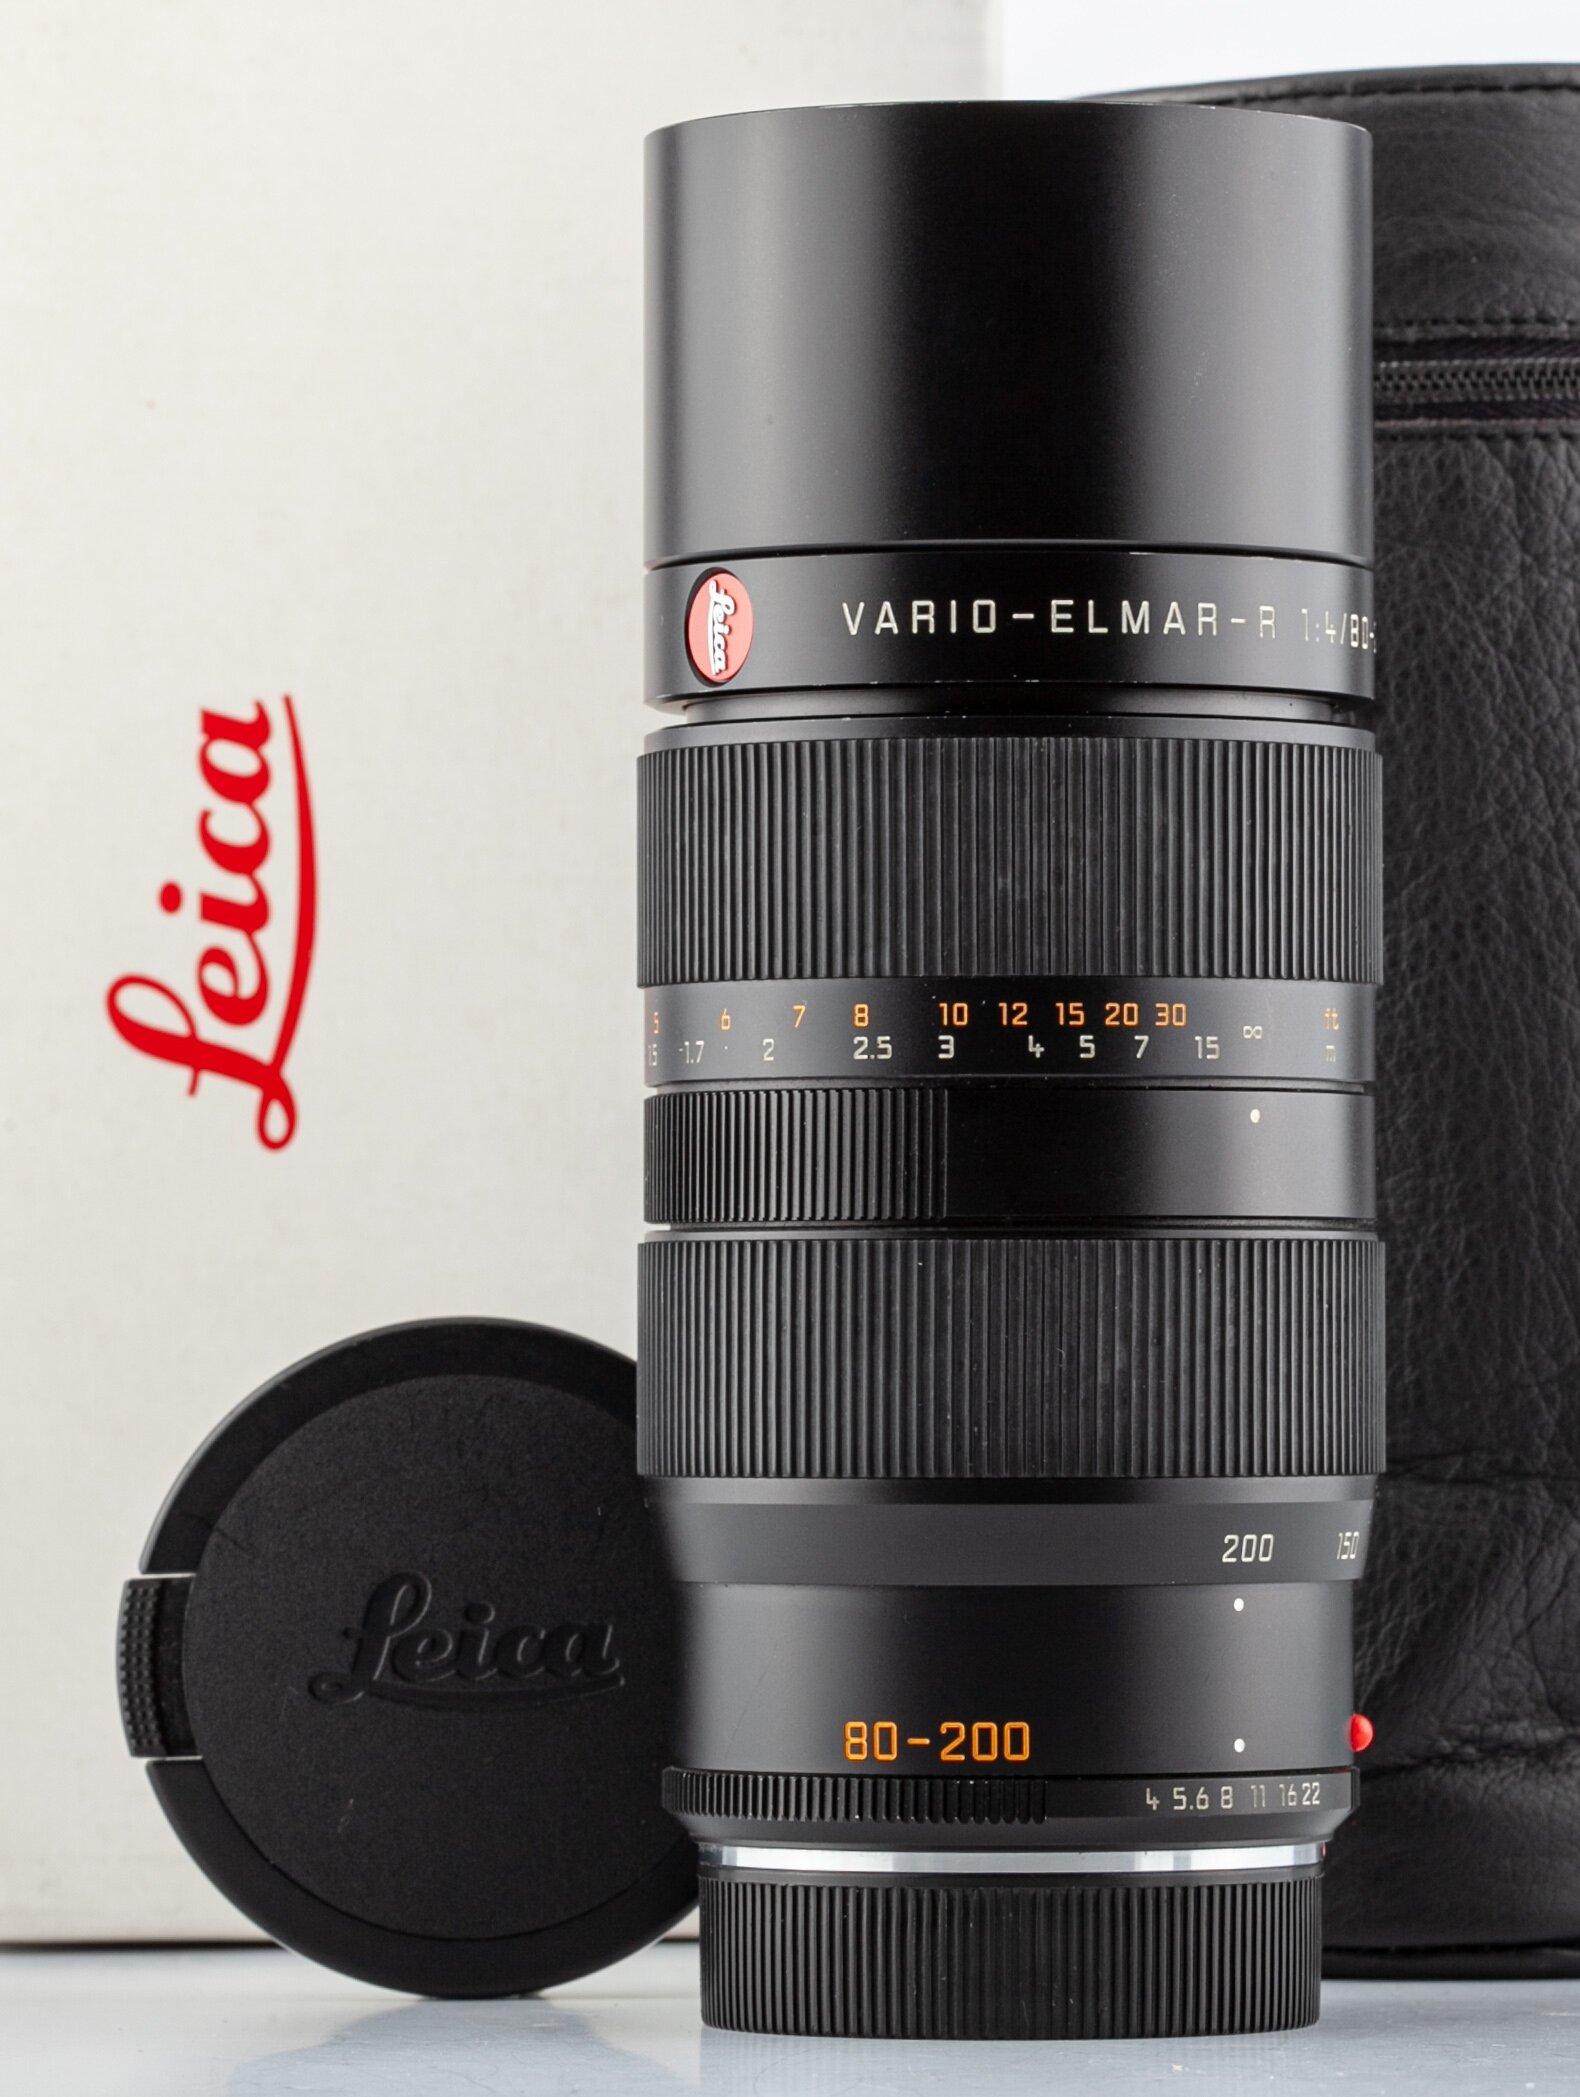 Leica Vario-Elmar-R 4/80-200mm ROM 11281